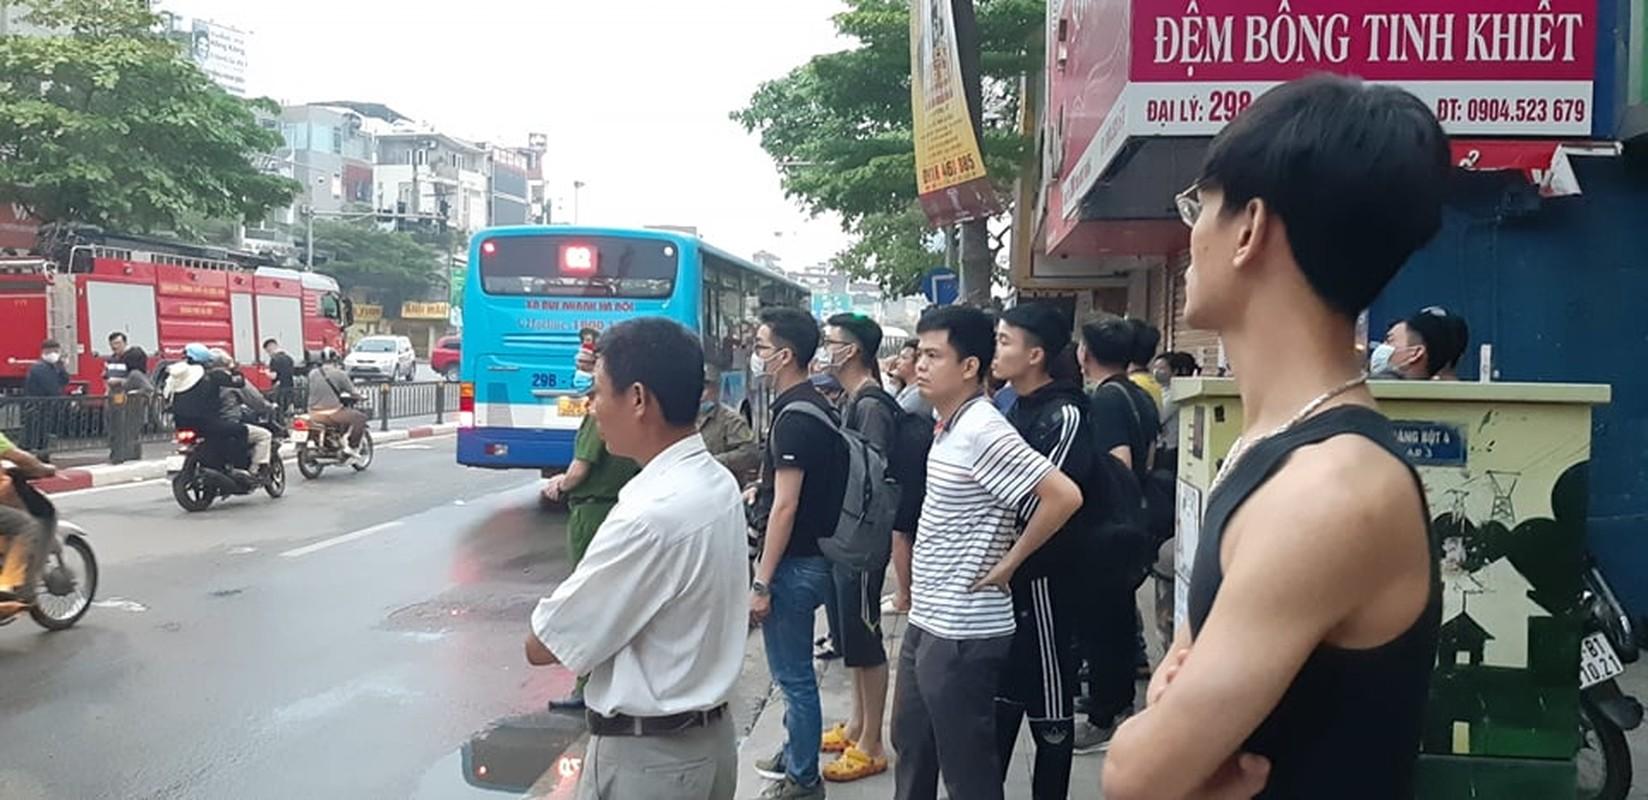 Chay lon cua hang do so sinh pho Ton Duc Thang-Hinh-4